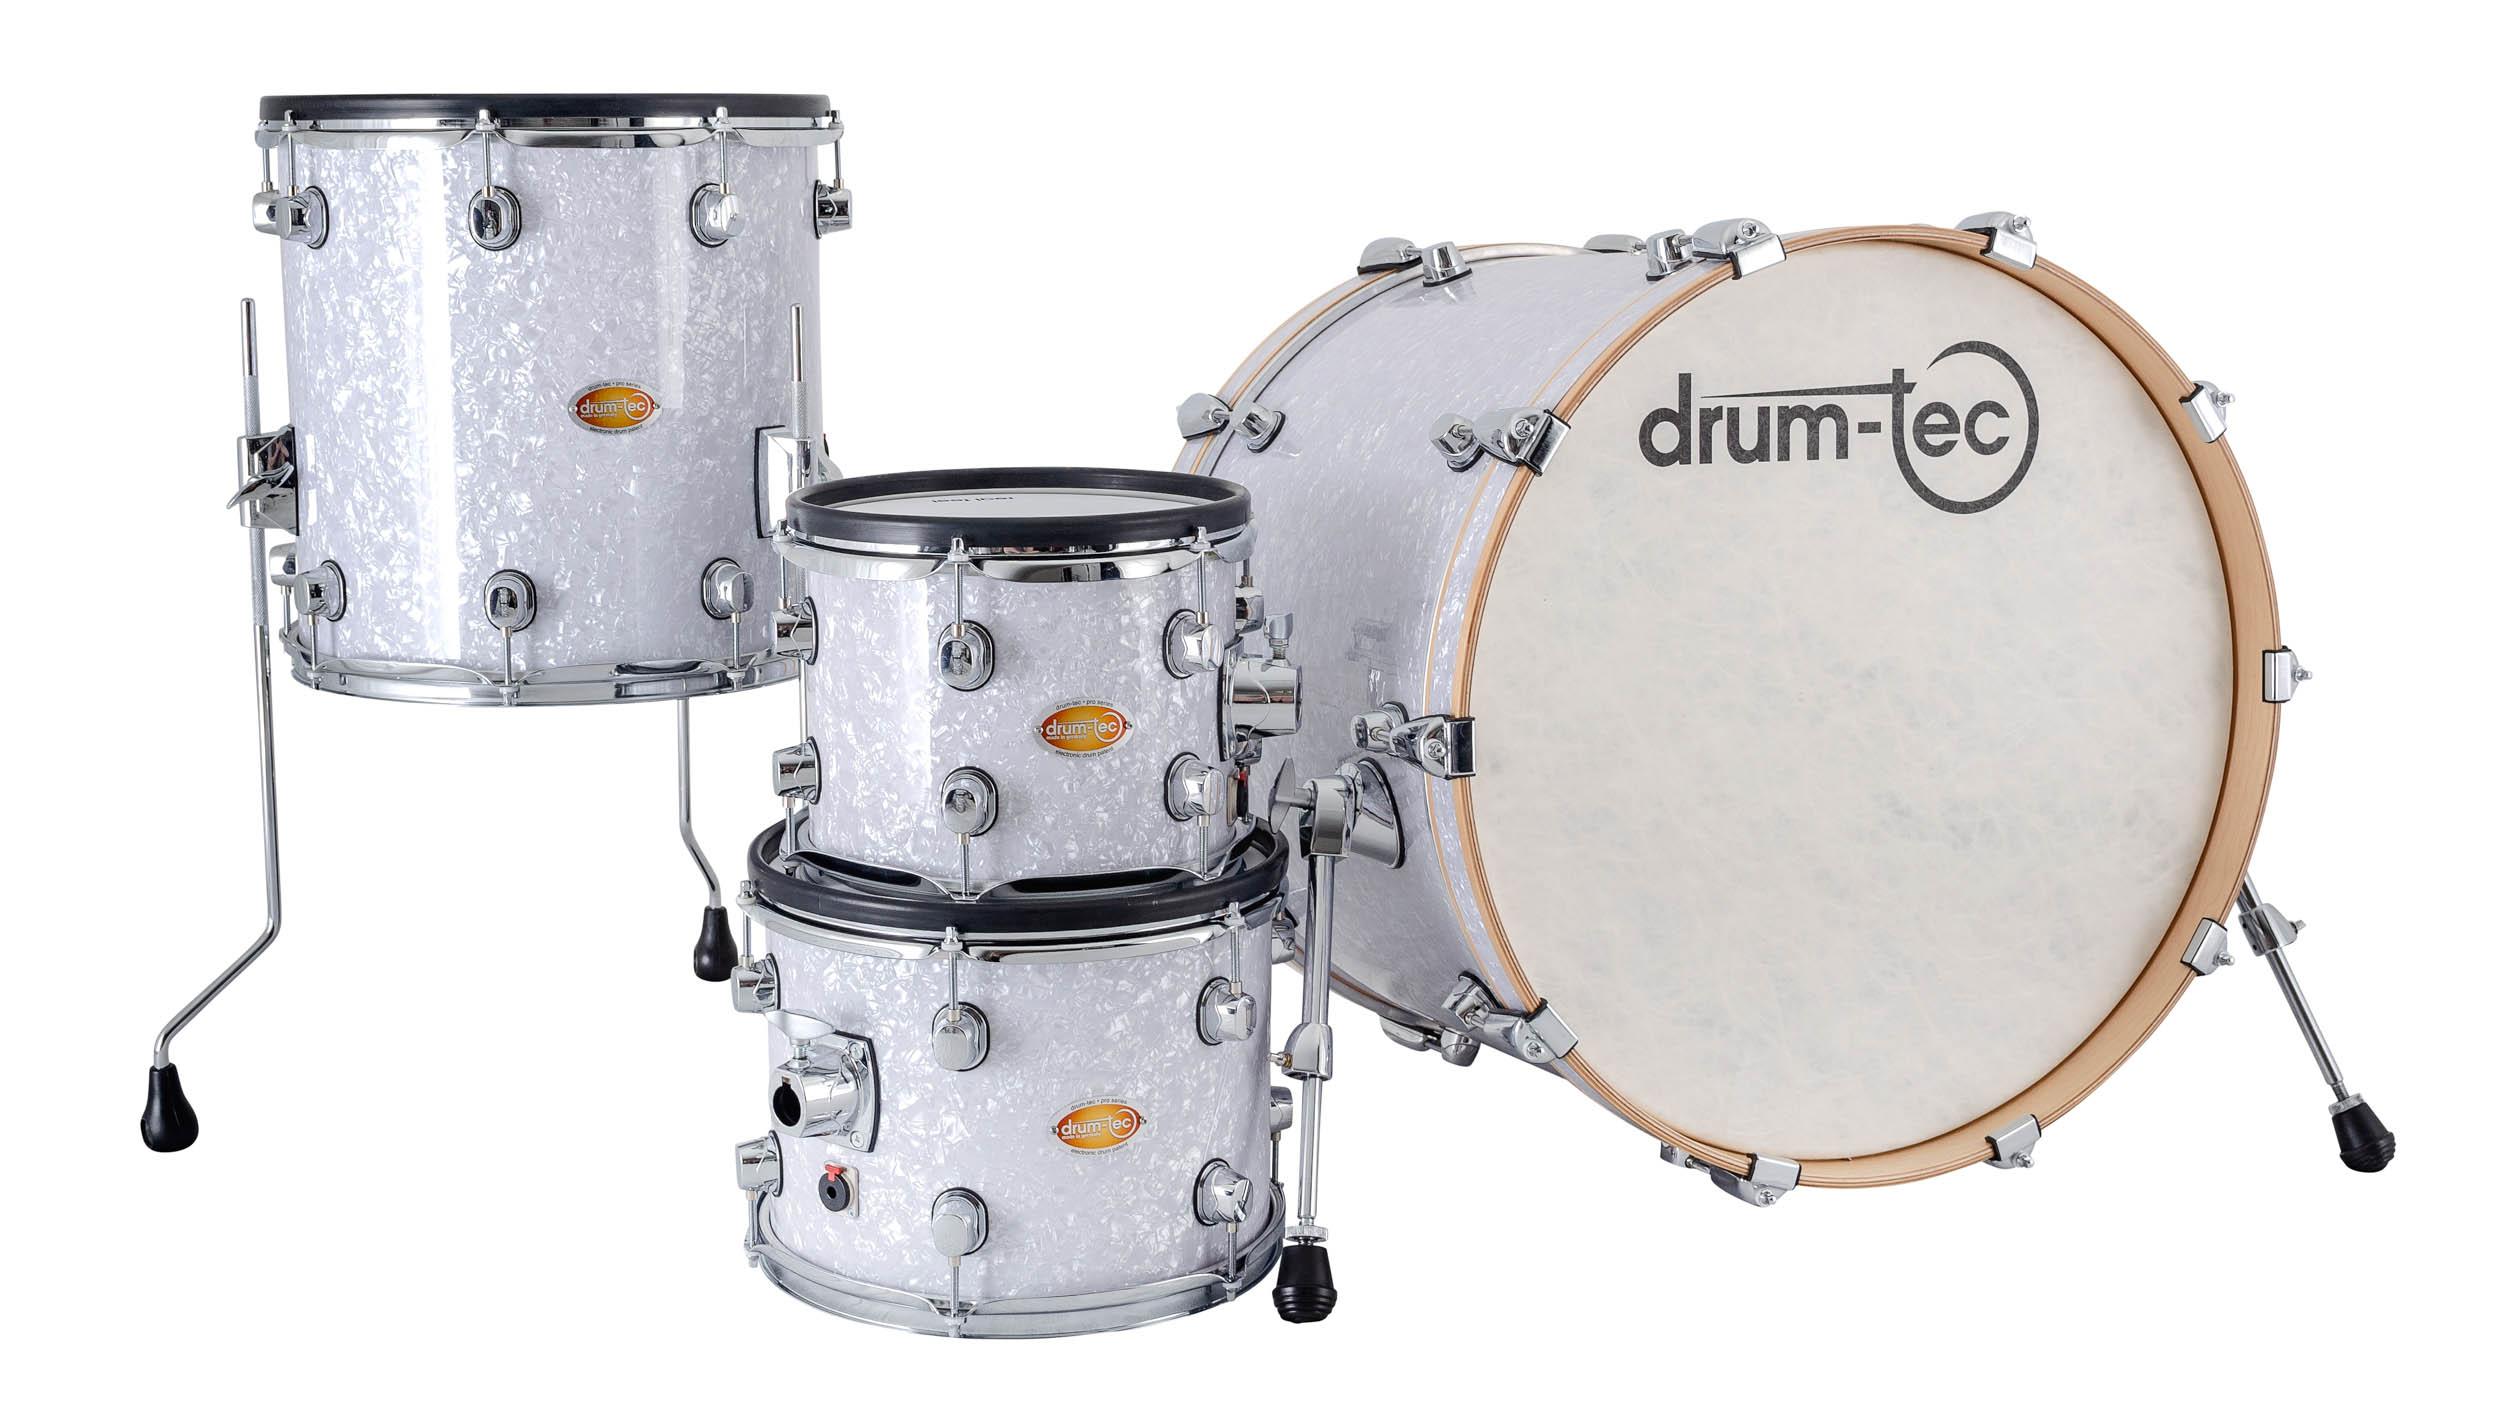 drum-tec pro custom Shell Set 4-pcs  (white pearl)